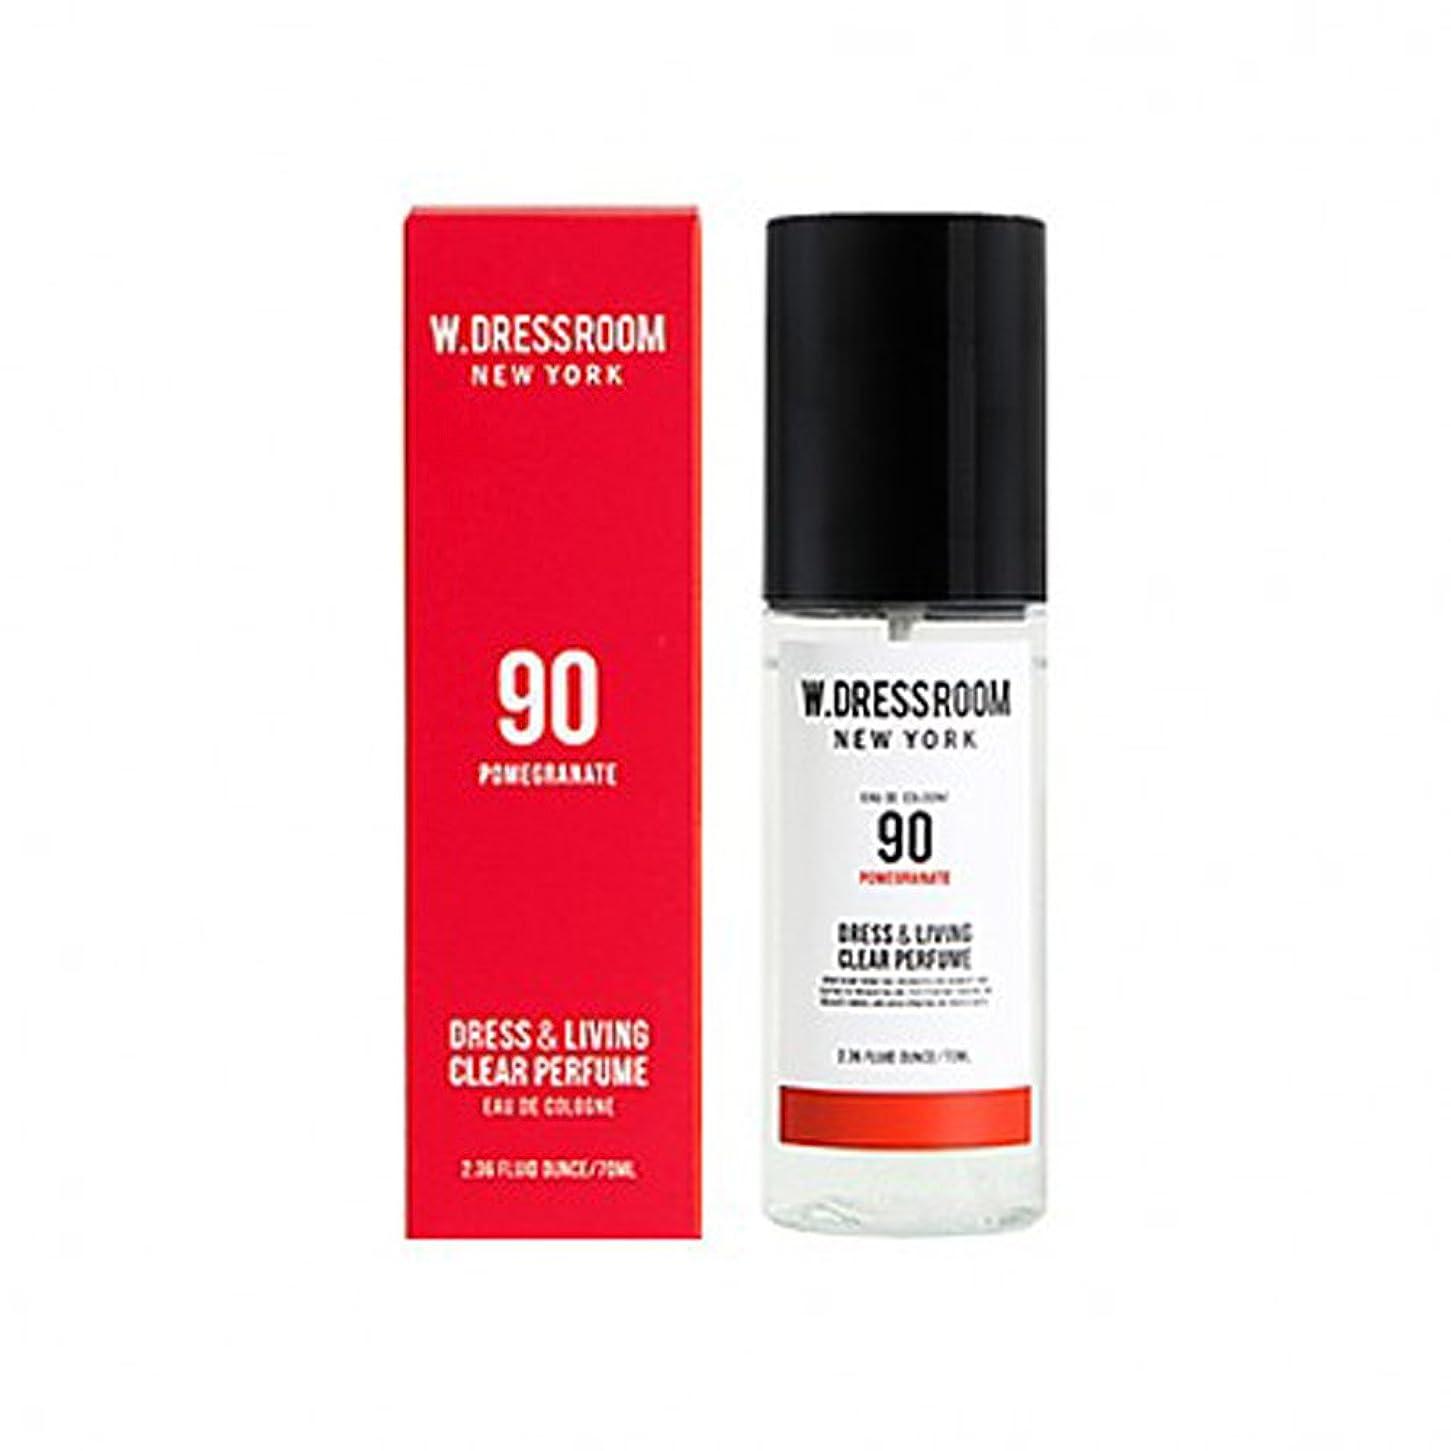 そう不完全なガチョウW.DRESSROOM Dress & Living Clear Perfume fragrance 70ml (#No.90 Pomegranate)/ダブルドレスルーム ドレス&リビング クリア パフューム 70ml (#No.90 Pomegranate)